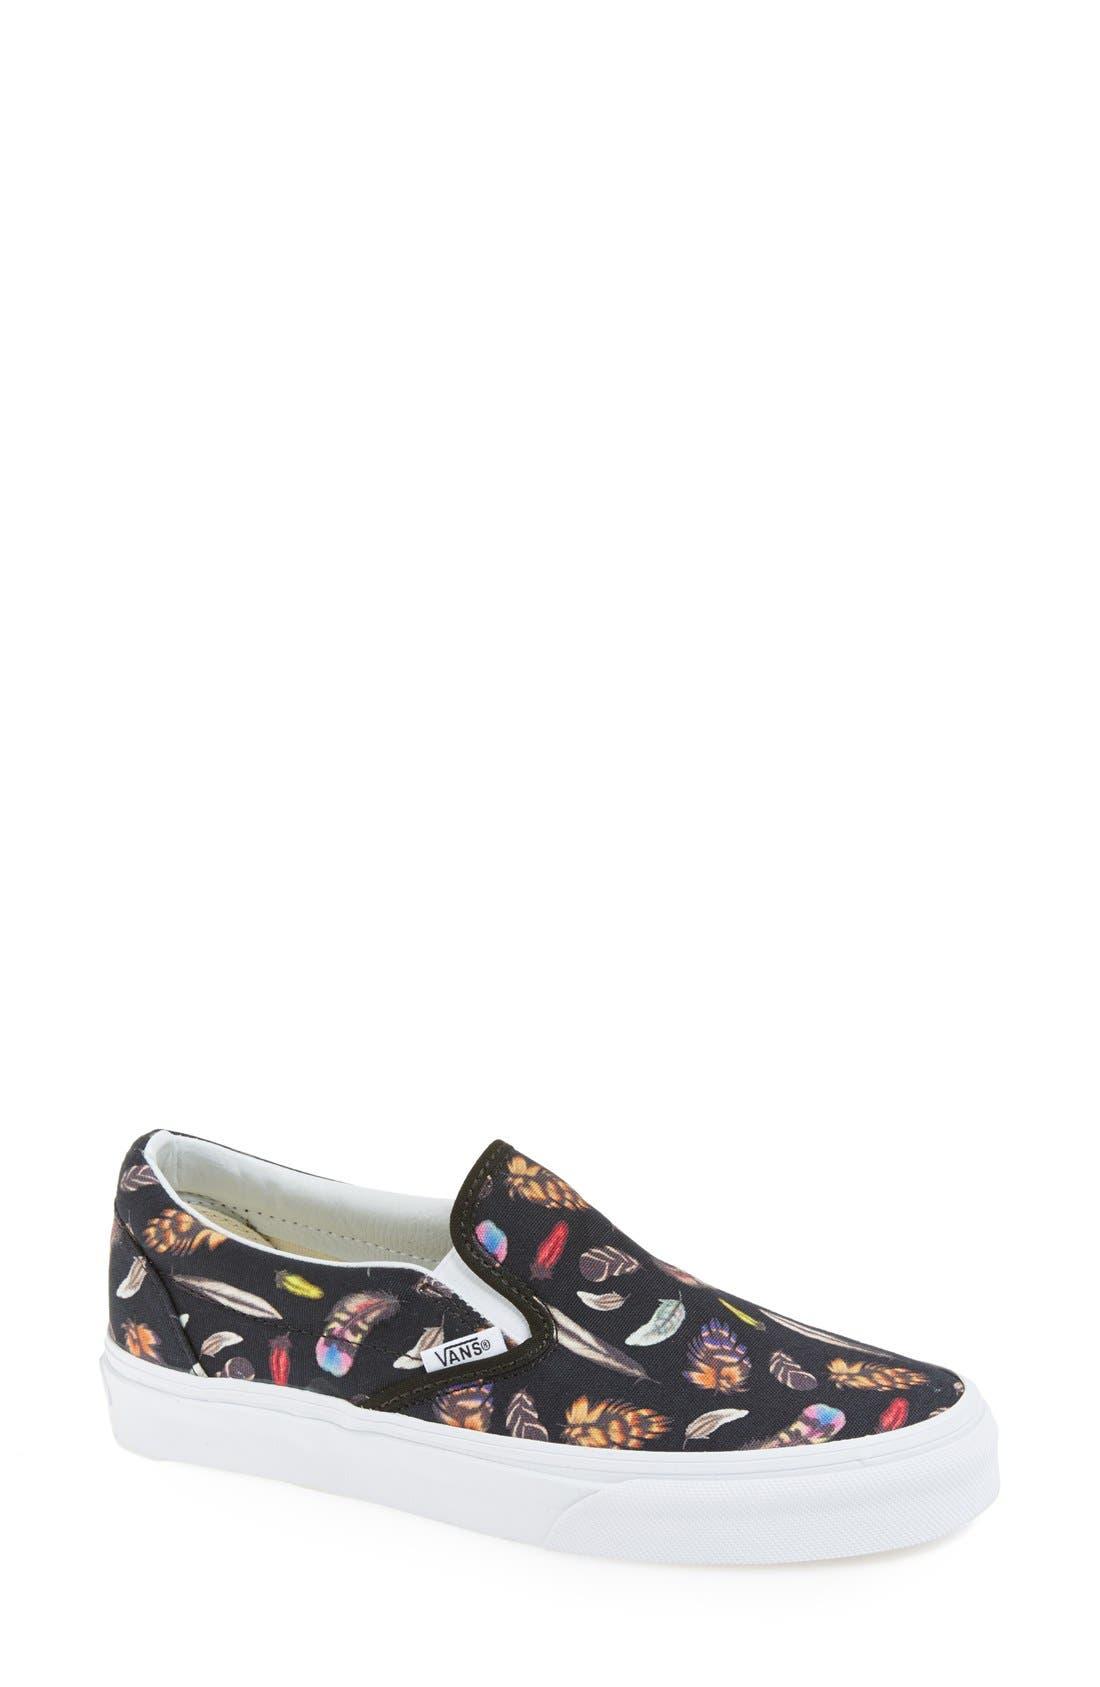 Alternate Image 1 Selected - Vans 'Classic' Slip-On Sneaker (Women)